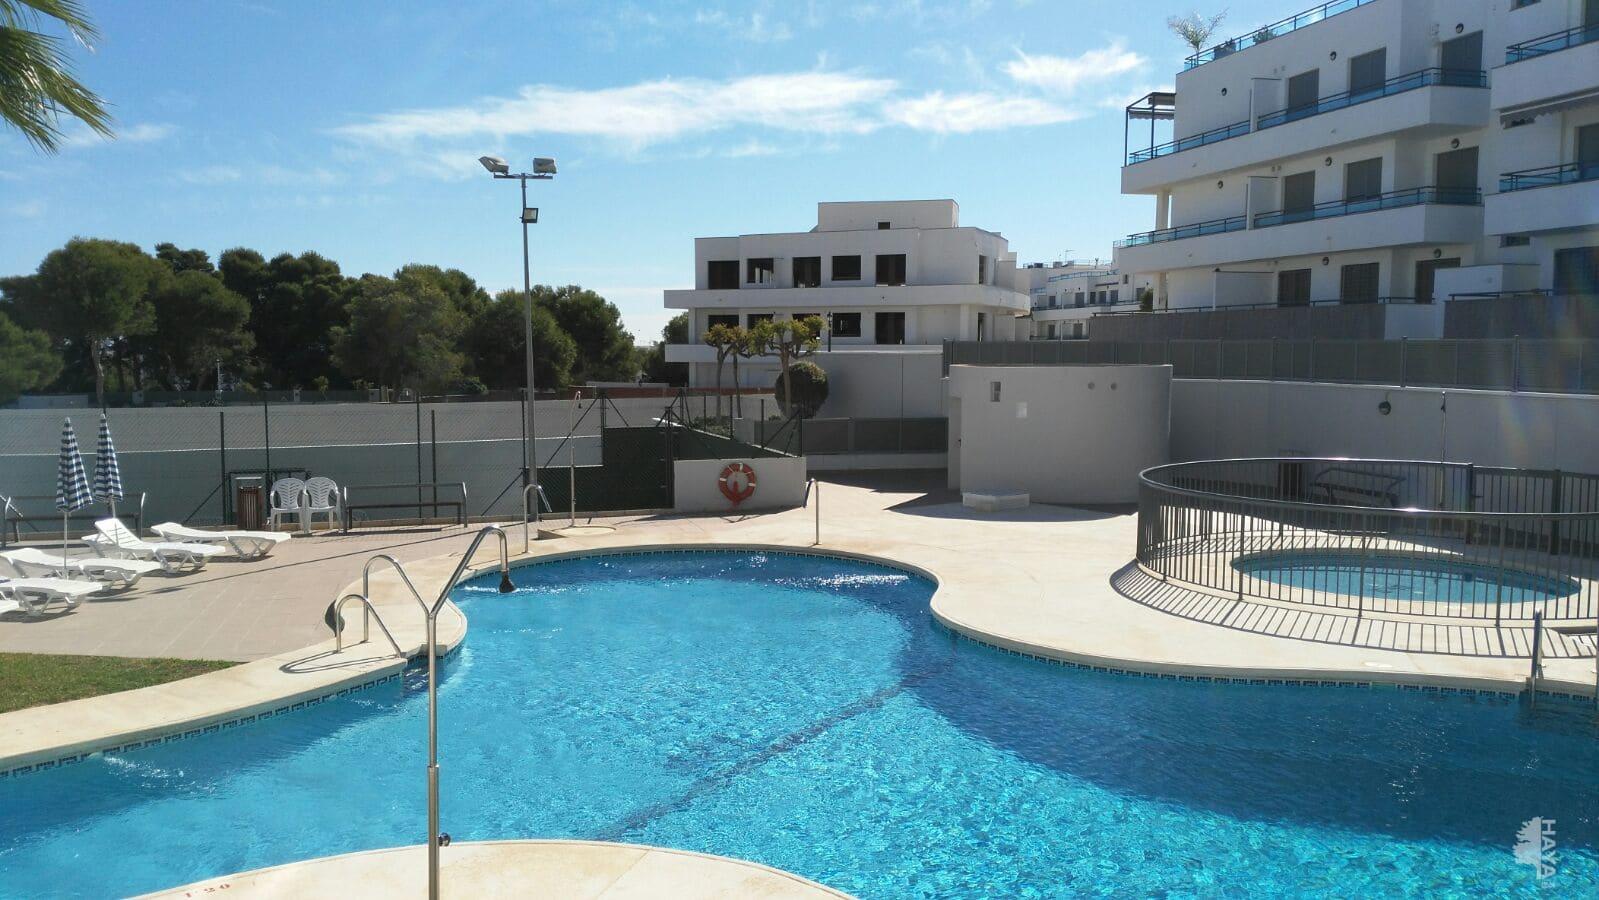 Piso en venta en Garrucha, Garrucha, Almería, Calle Murillo, 98.300 €, 2 habitaciones, 2 baños, 70 m2